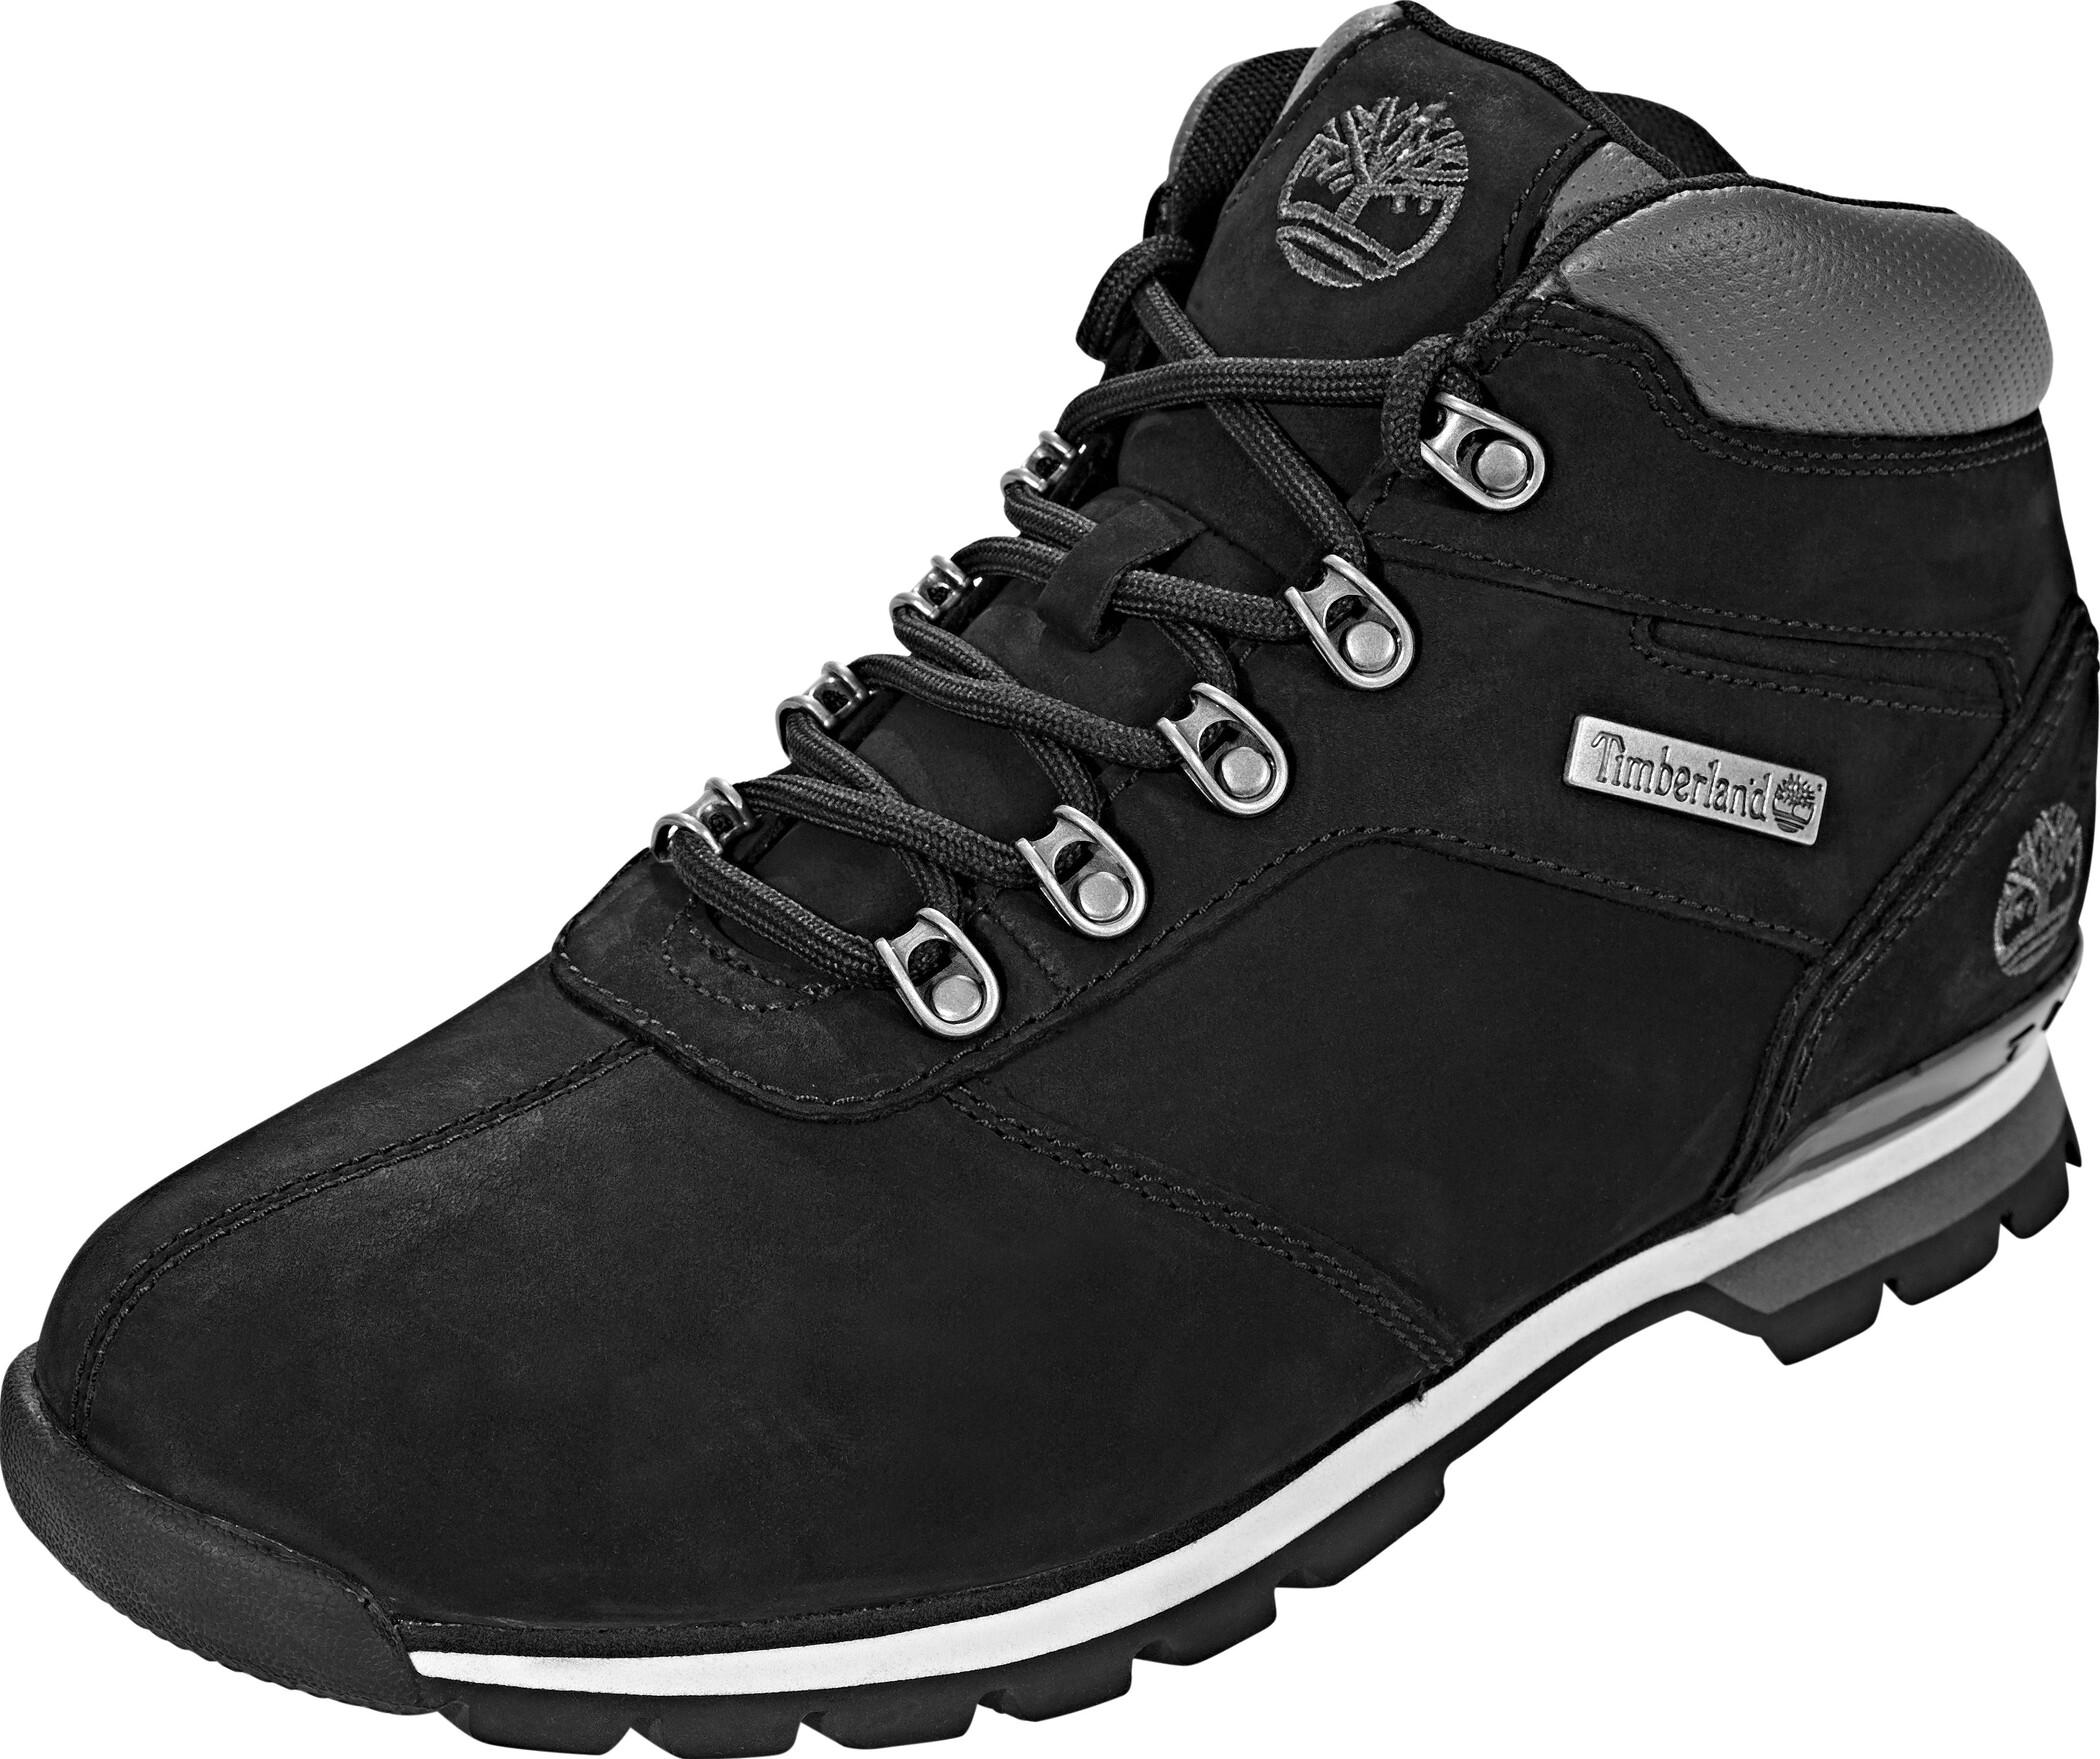 Timberland Men's Splitrock2 Hiker Sandals, Mens, Marron